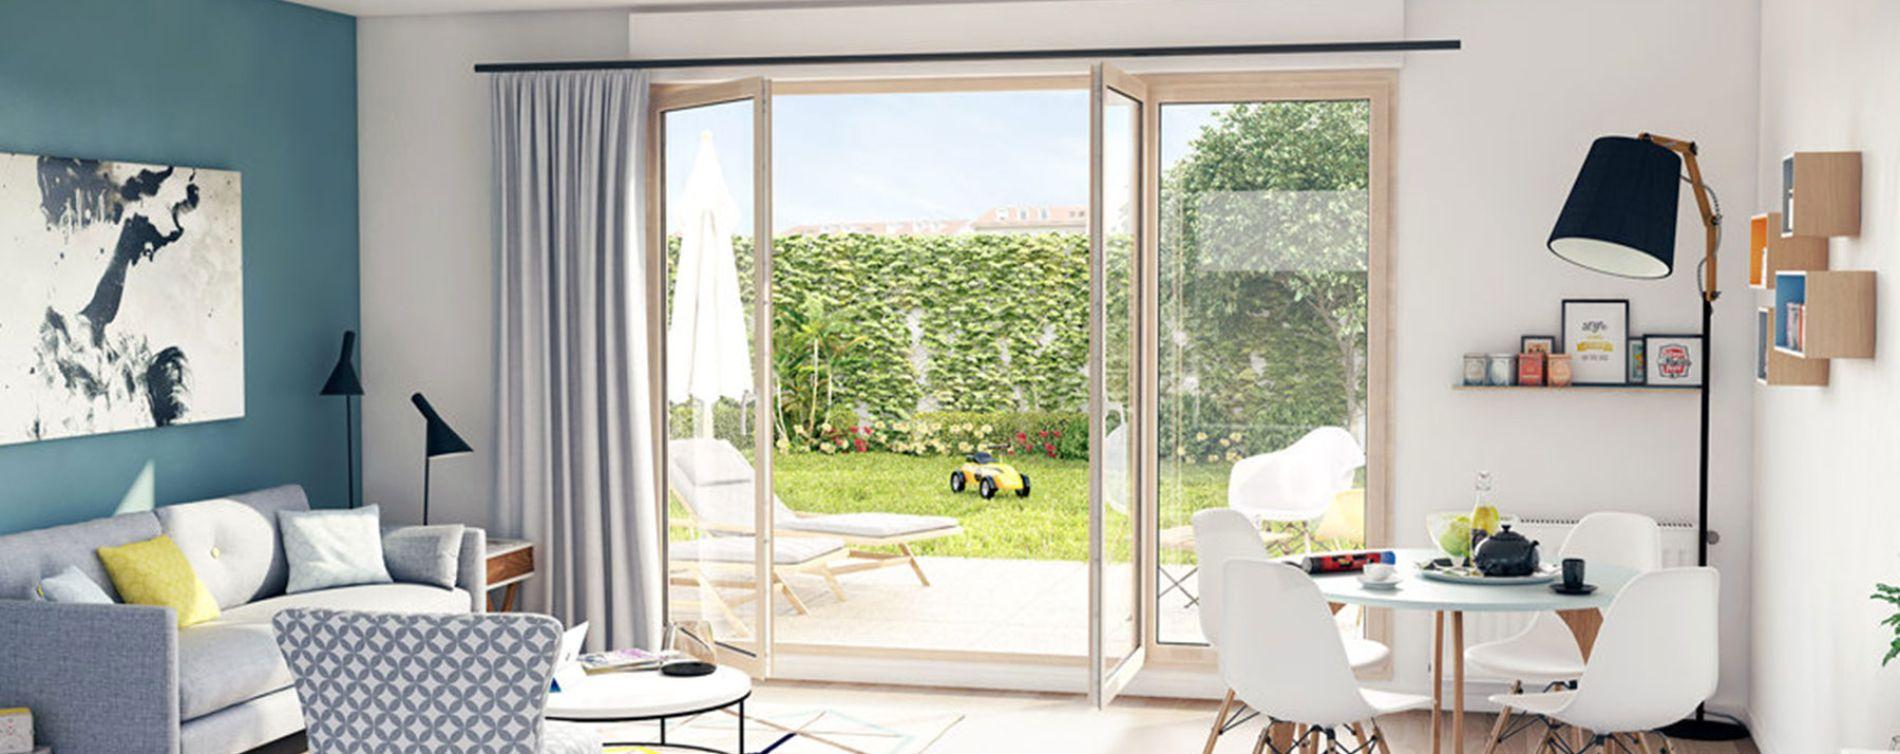 Saint-Jean-de-la-Ruelle : programme immobilier neuve « Le Clos du Petit Bois » (2)